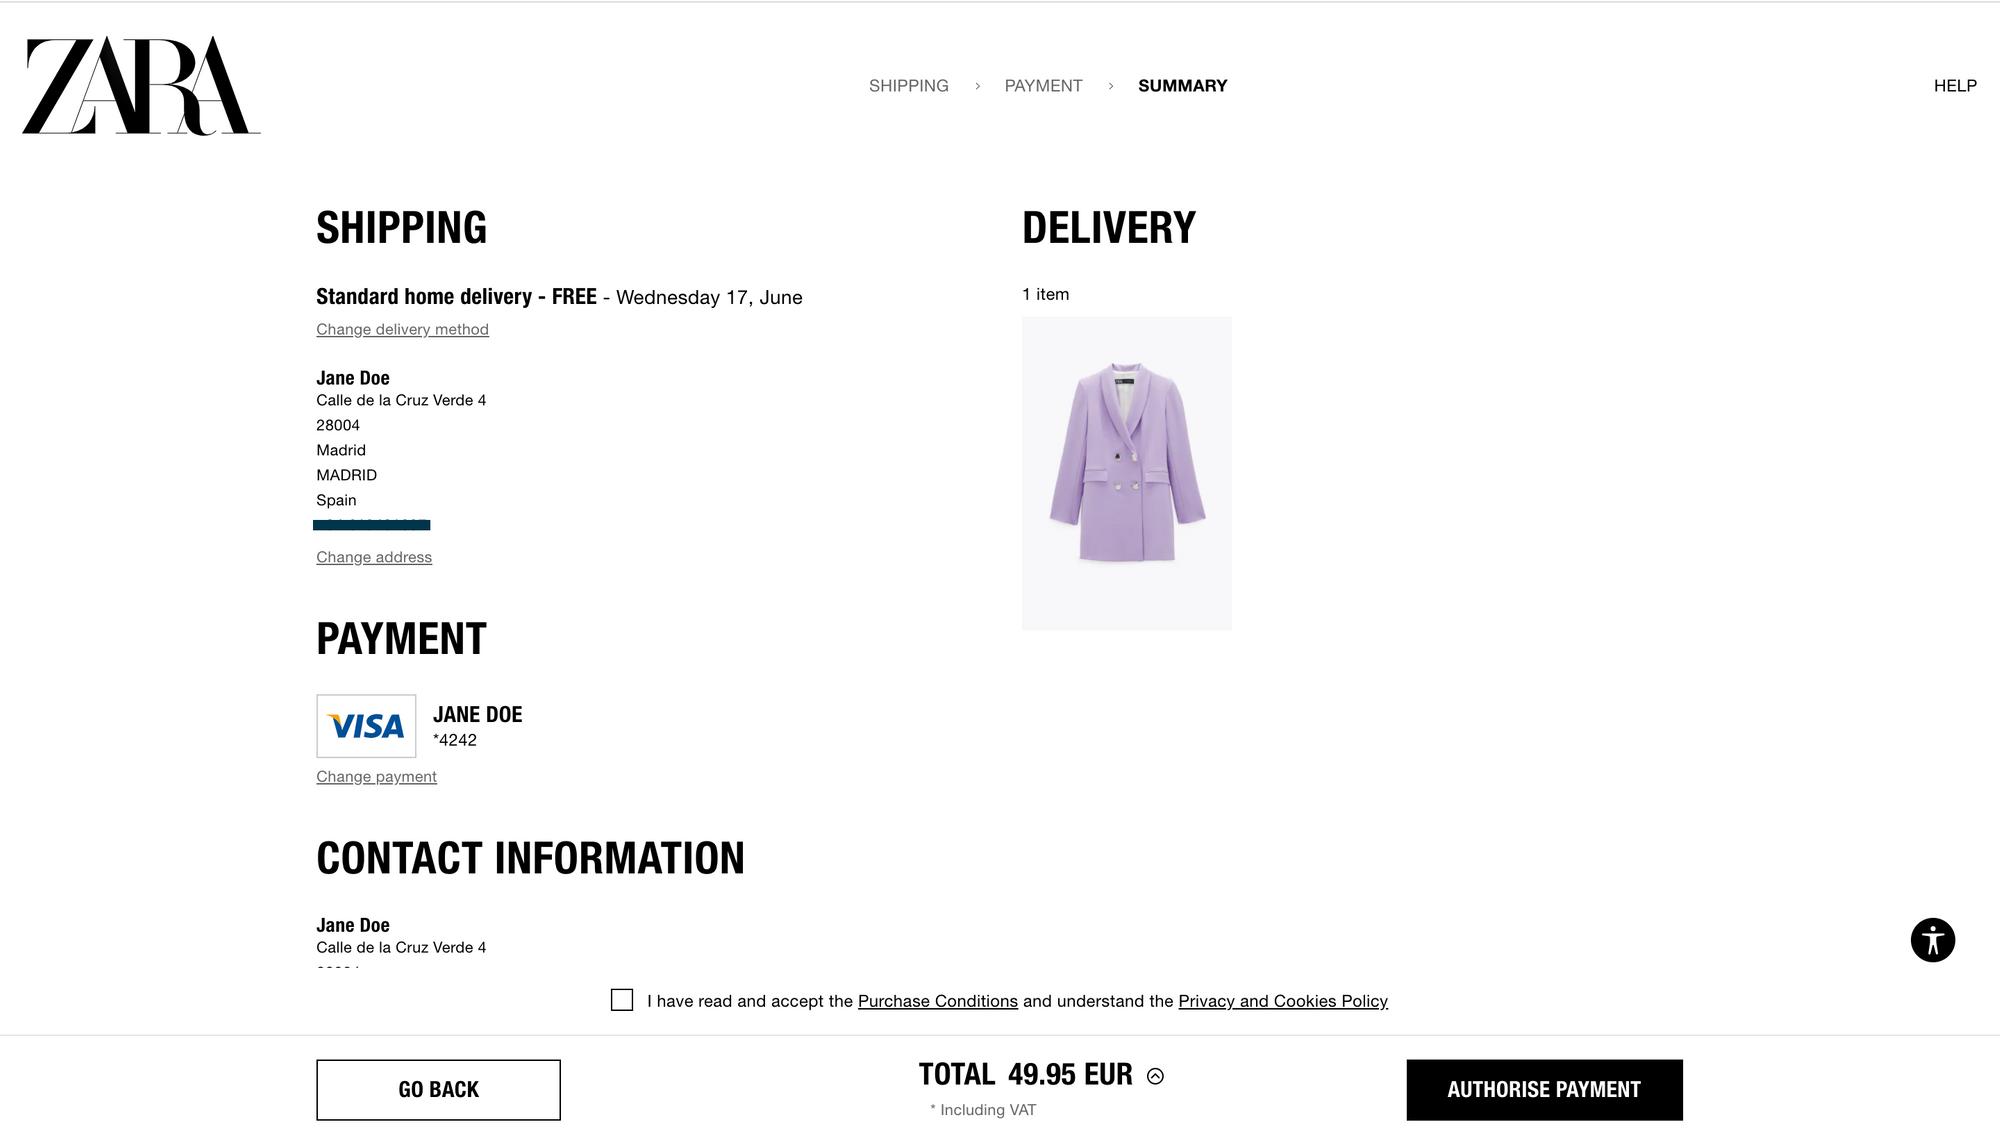 Zara's checkout form - The best ecommerce checkouts